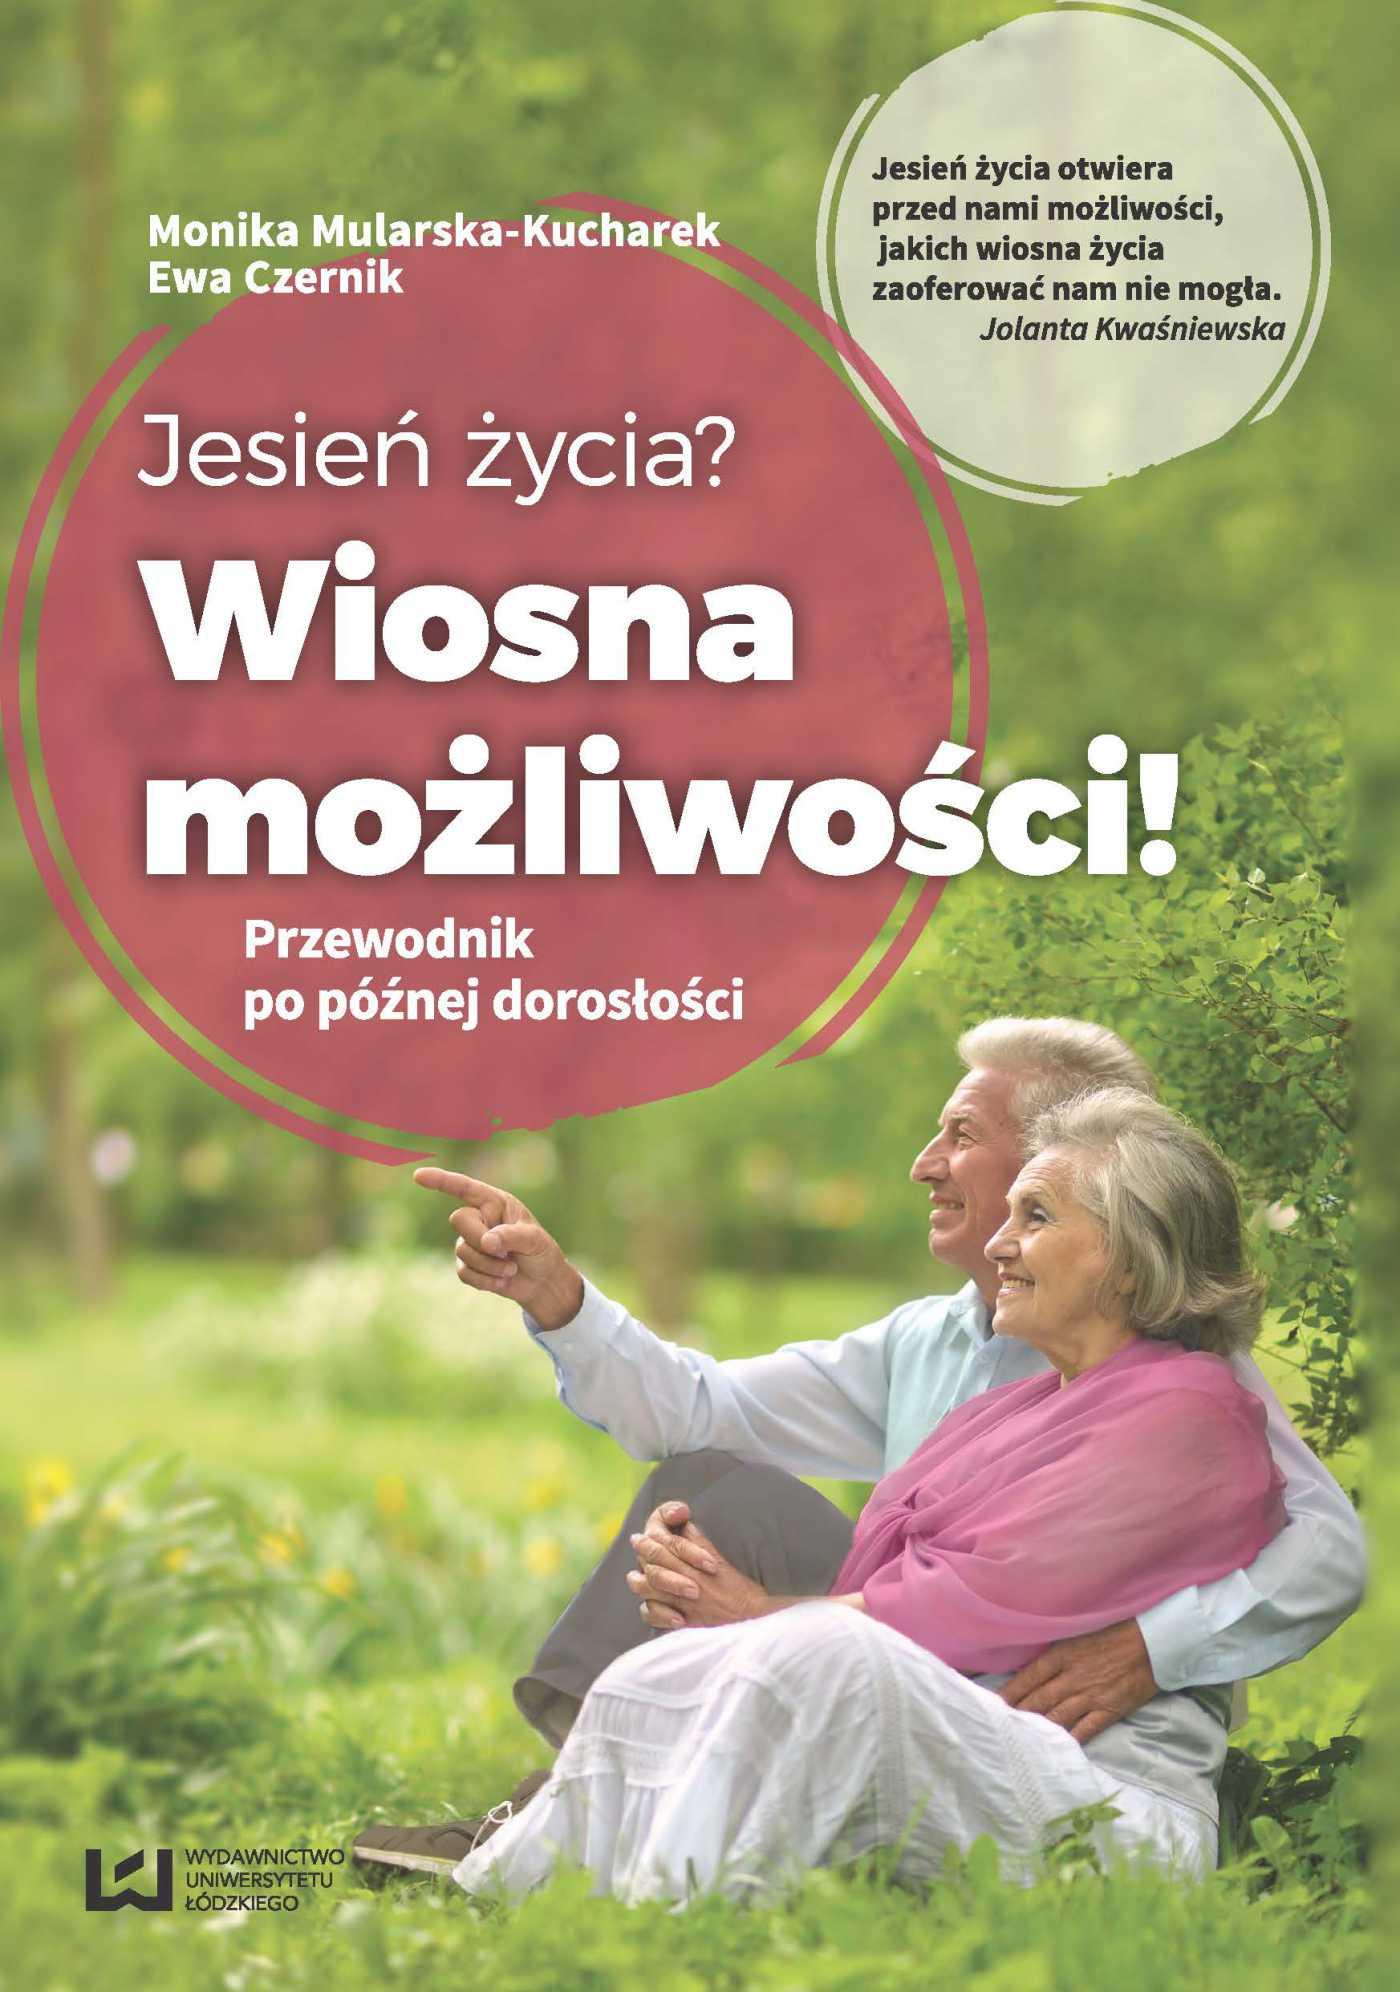 Jesień życia? Wiosna możliwości! Przewodnik po późnej dorosłości - Ebook (Książka PDF) do pobrania w formacie PDF